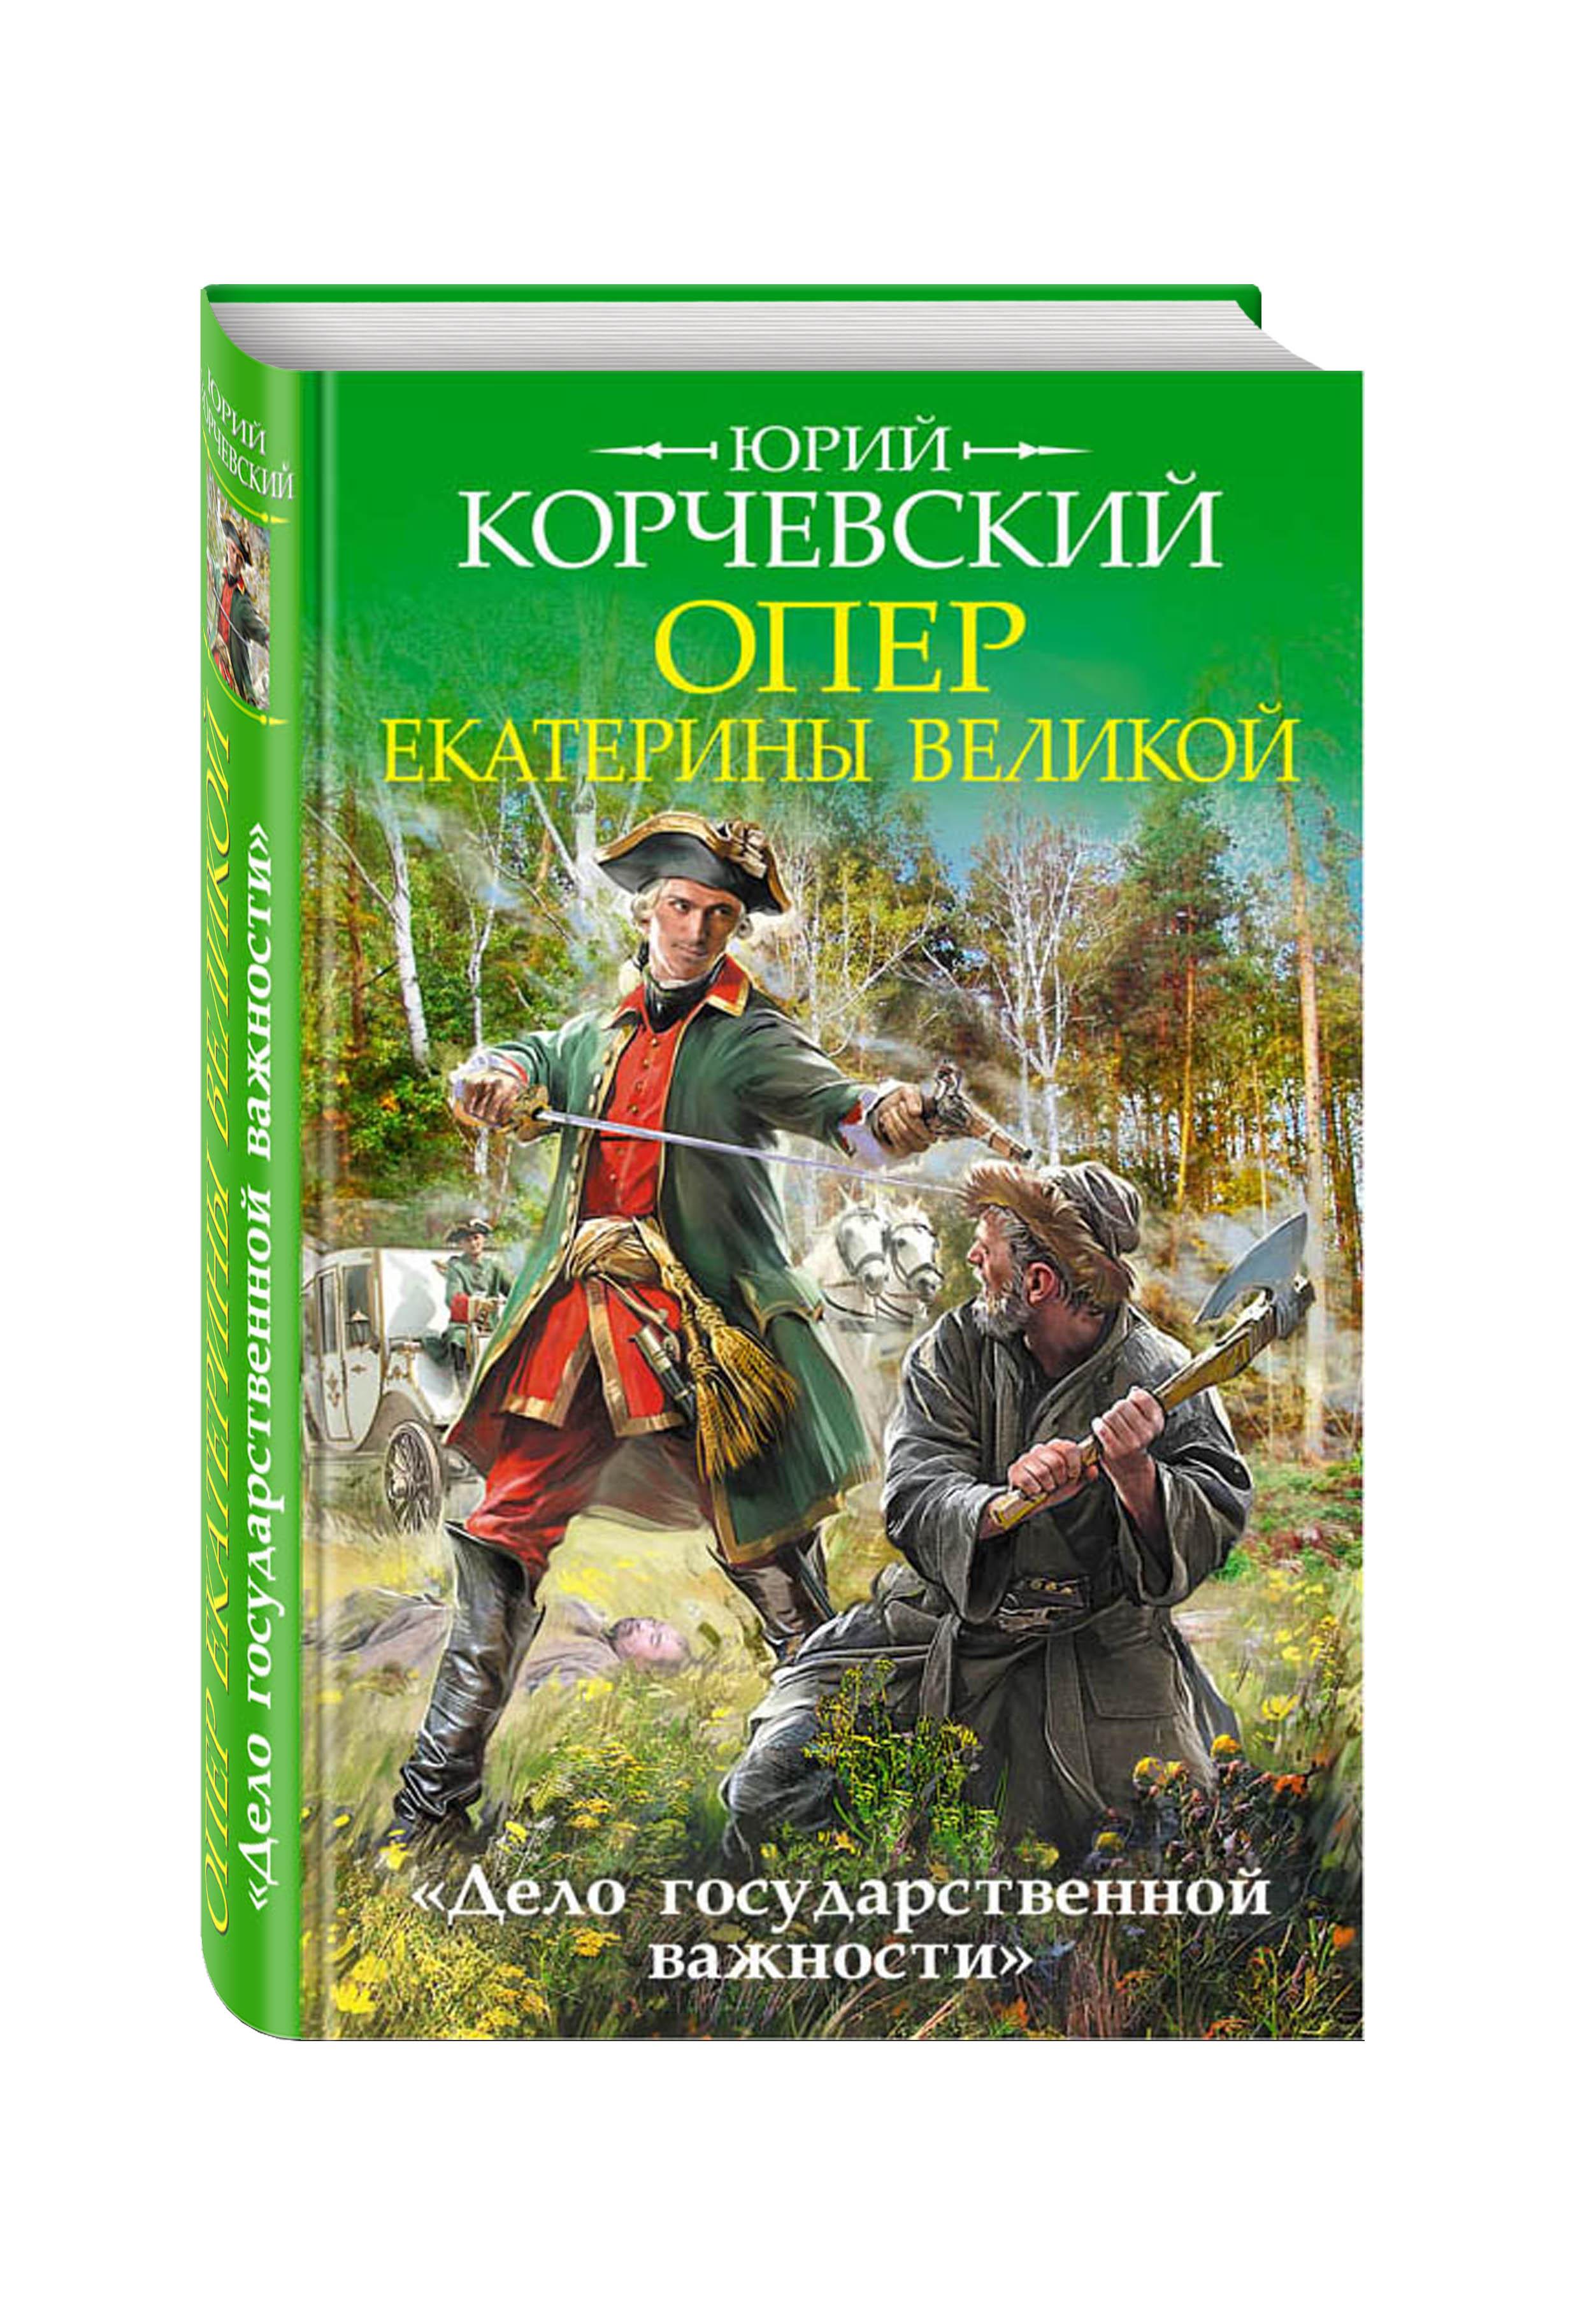 Юрий Корчевский Опер Екатерины Великой. «Дело государственной важности»